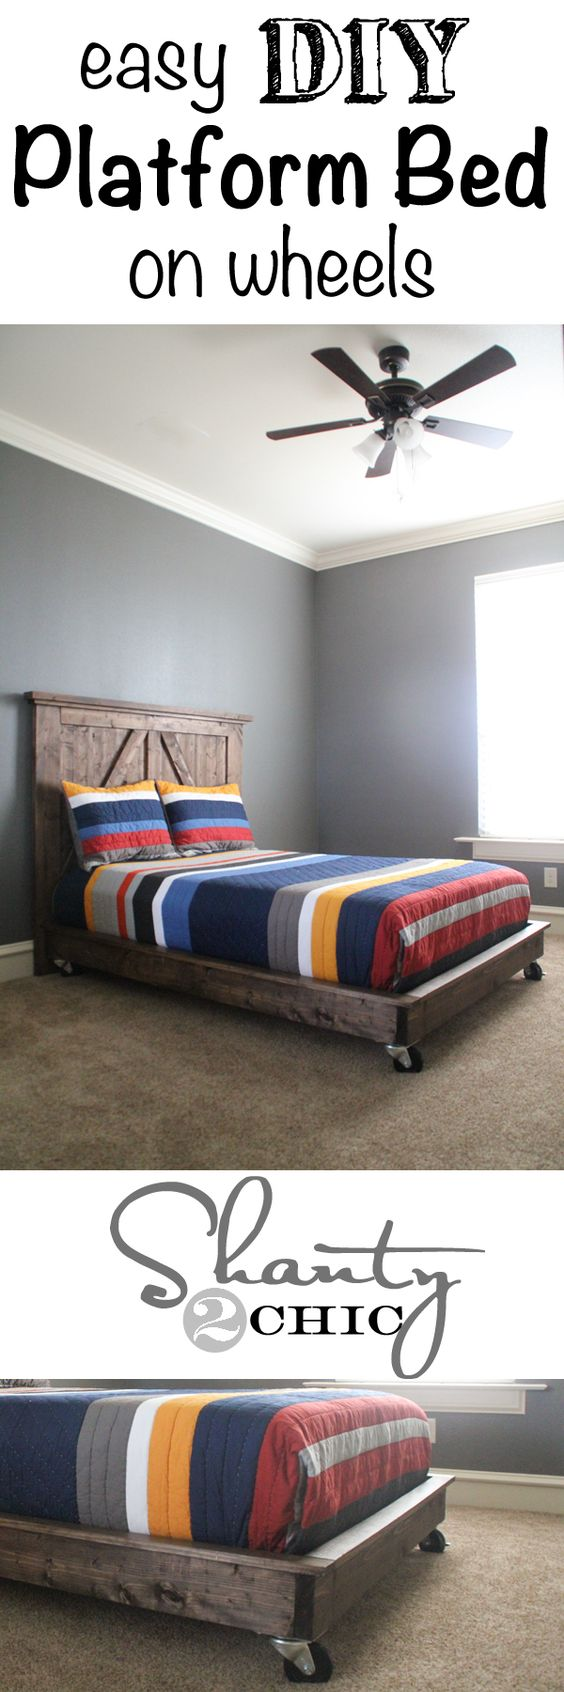 diy platform bed on wheels diy platform bed build a platform bed and ana white. Black Bedroom Furniture Sets. Home Design Ideas